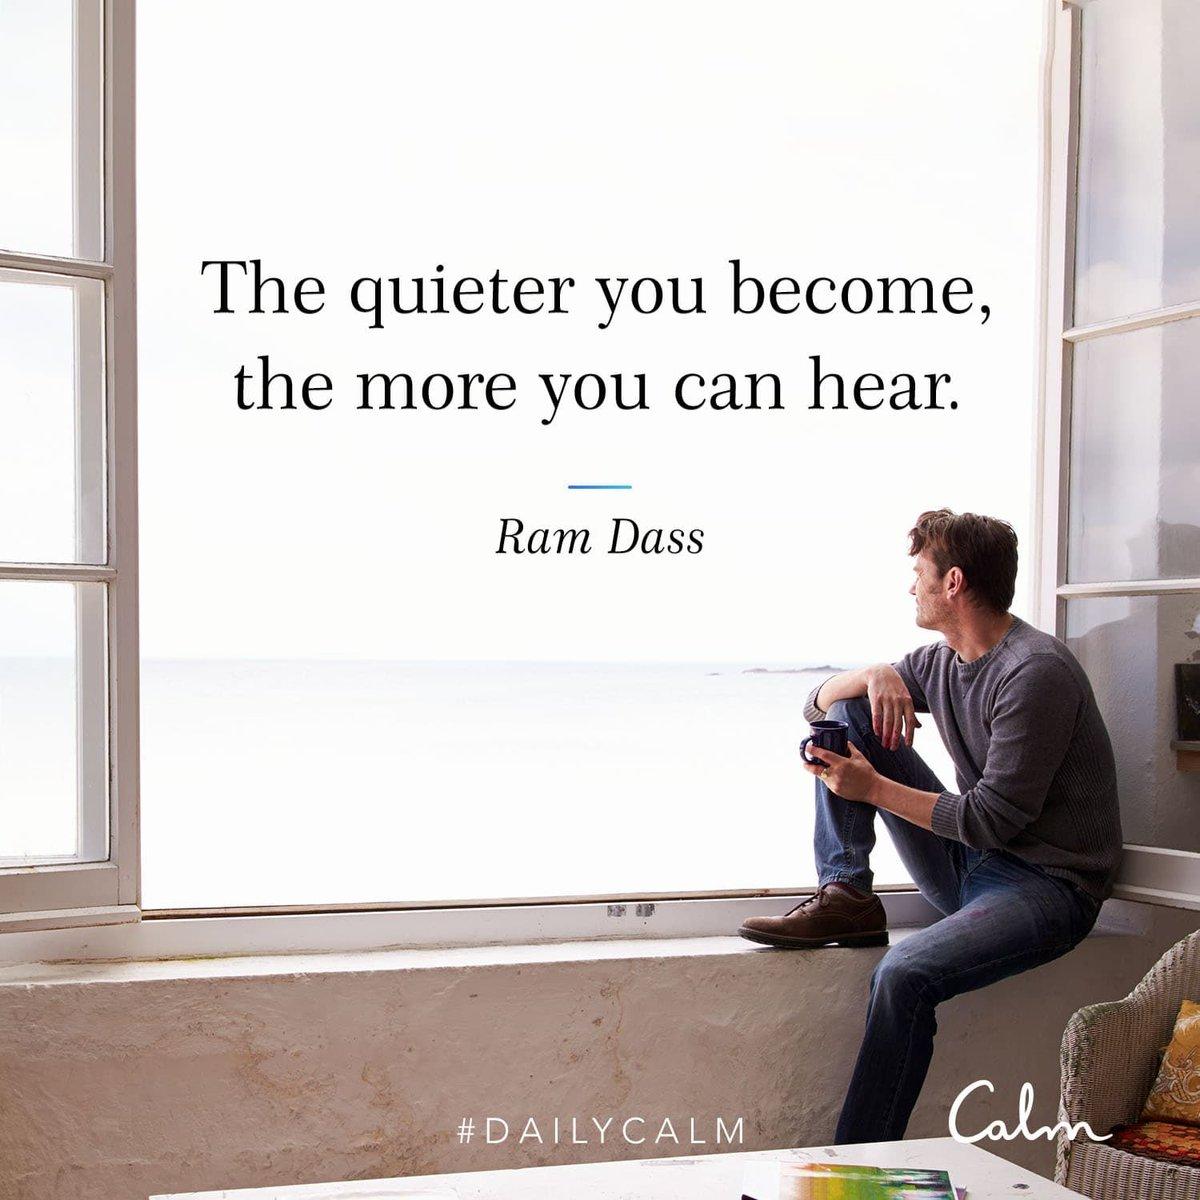 When you get quiet, what arises? @babaramdass #DailyCalm